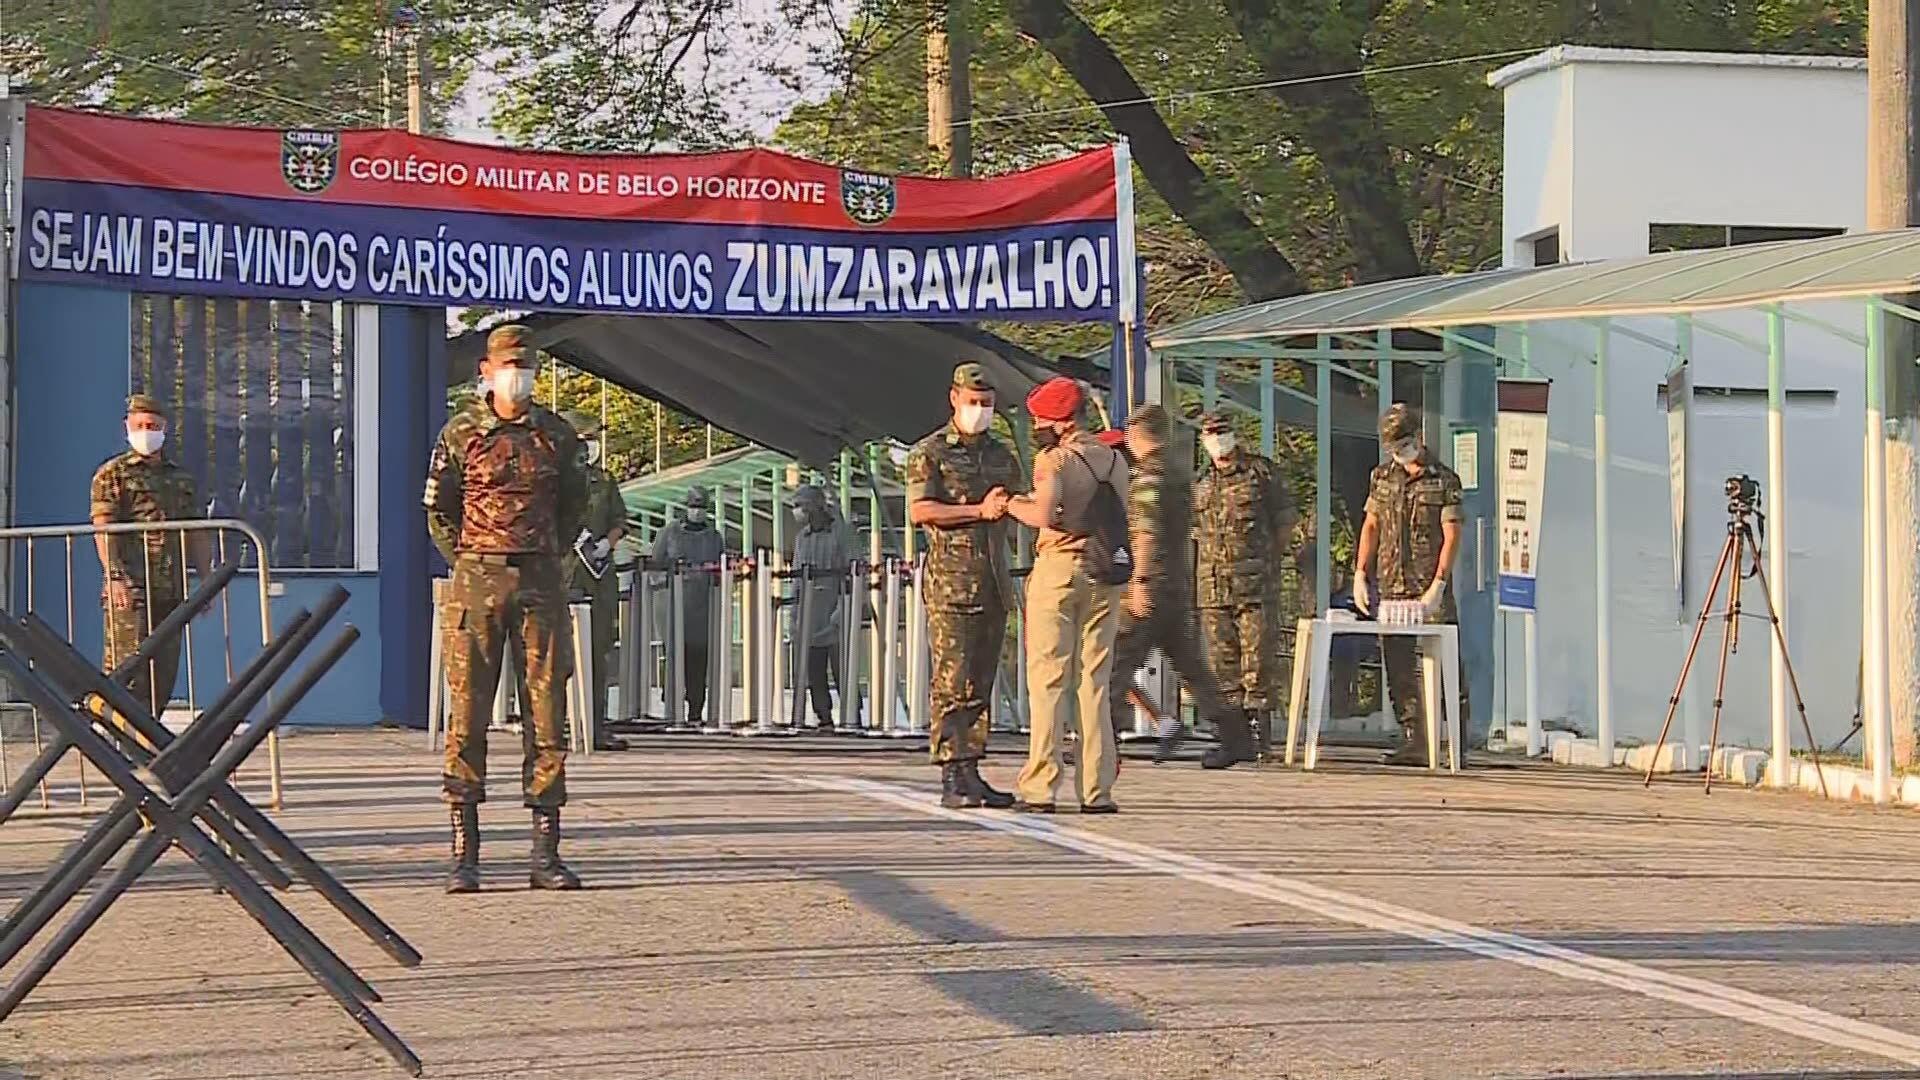 STF confirma decisão que permitiu retomada das aulas presenciais no Colégio Militar de Belo Horizonte